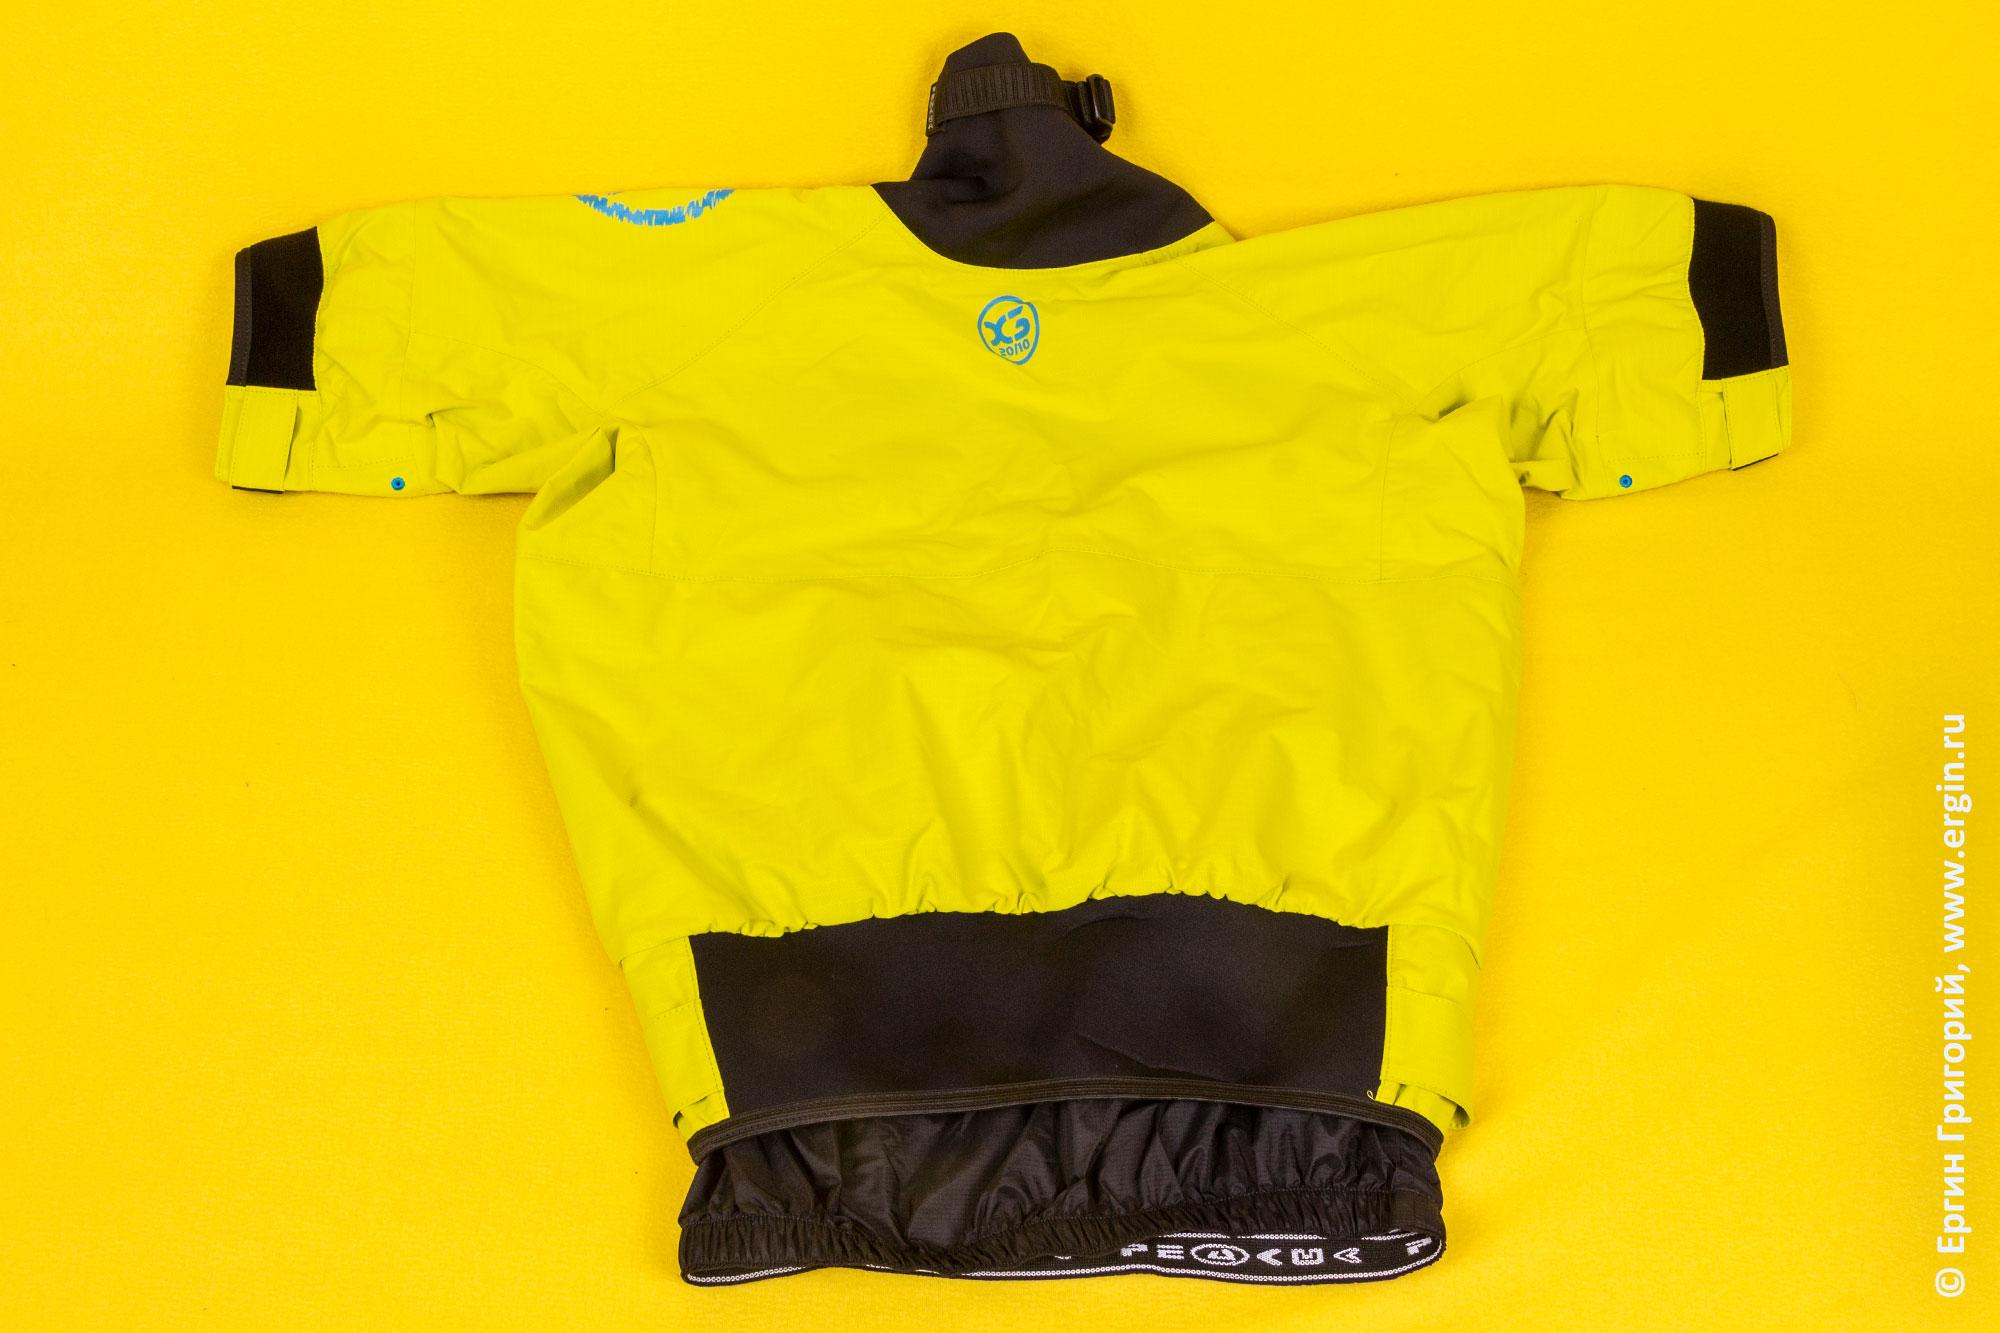 Куртка каякера PeakUk Combi с коротким рукавом, вид сзади